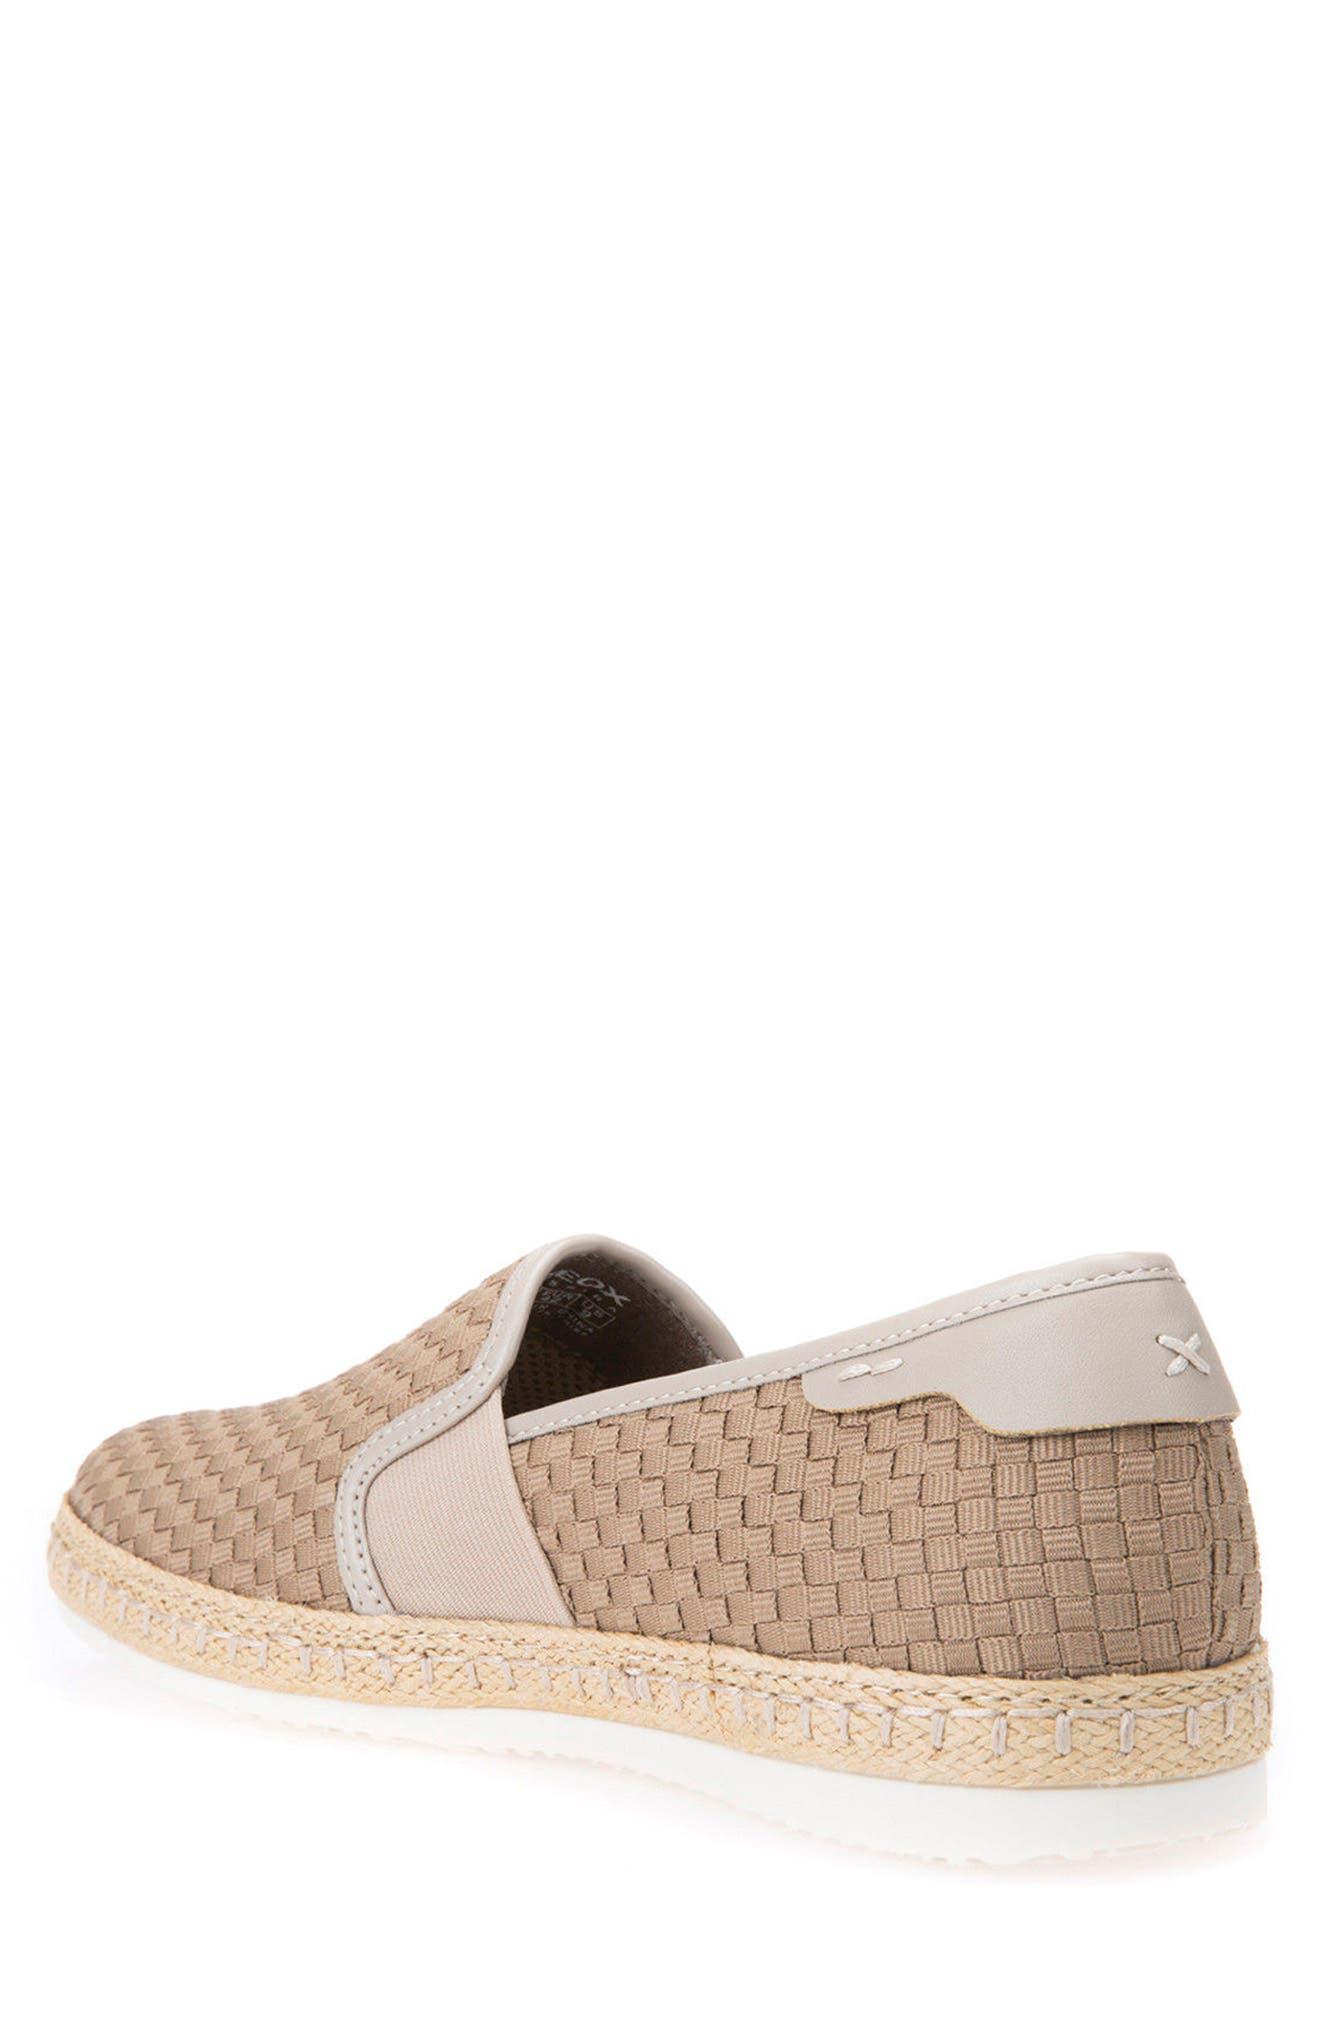 Copacaban 10 Woven Slip-On Sneaker,                             Alternate thumbnail 2, color,                             Sand